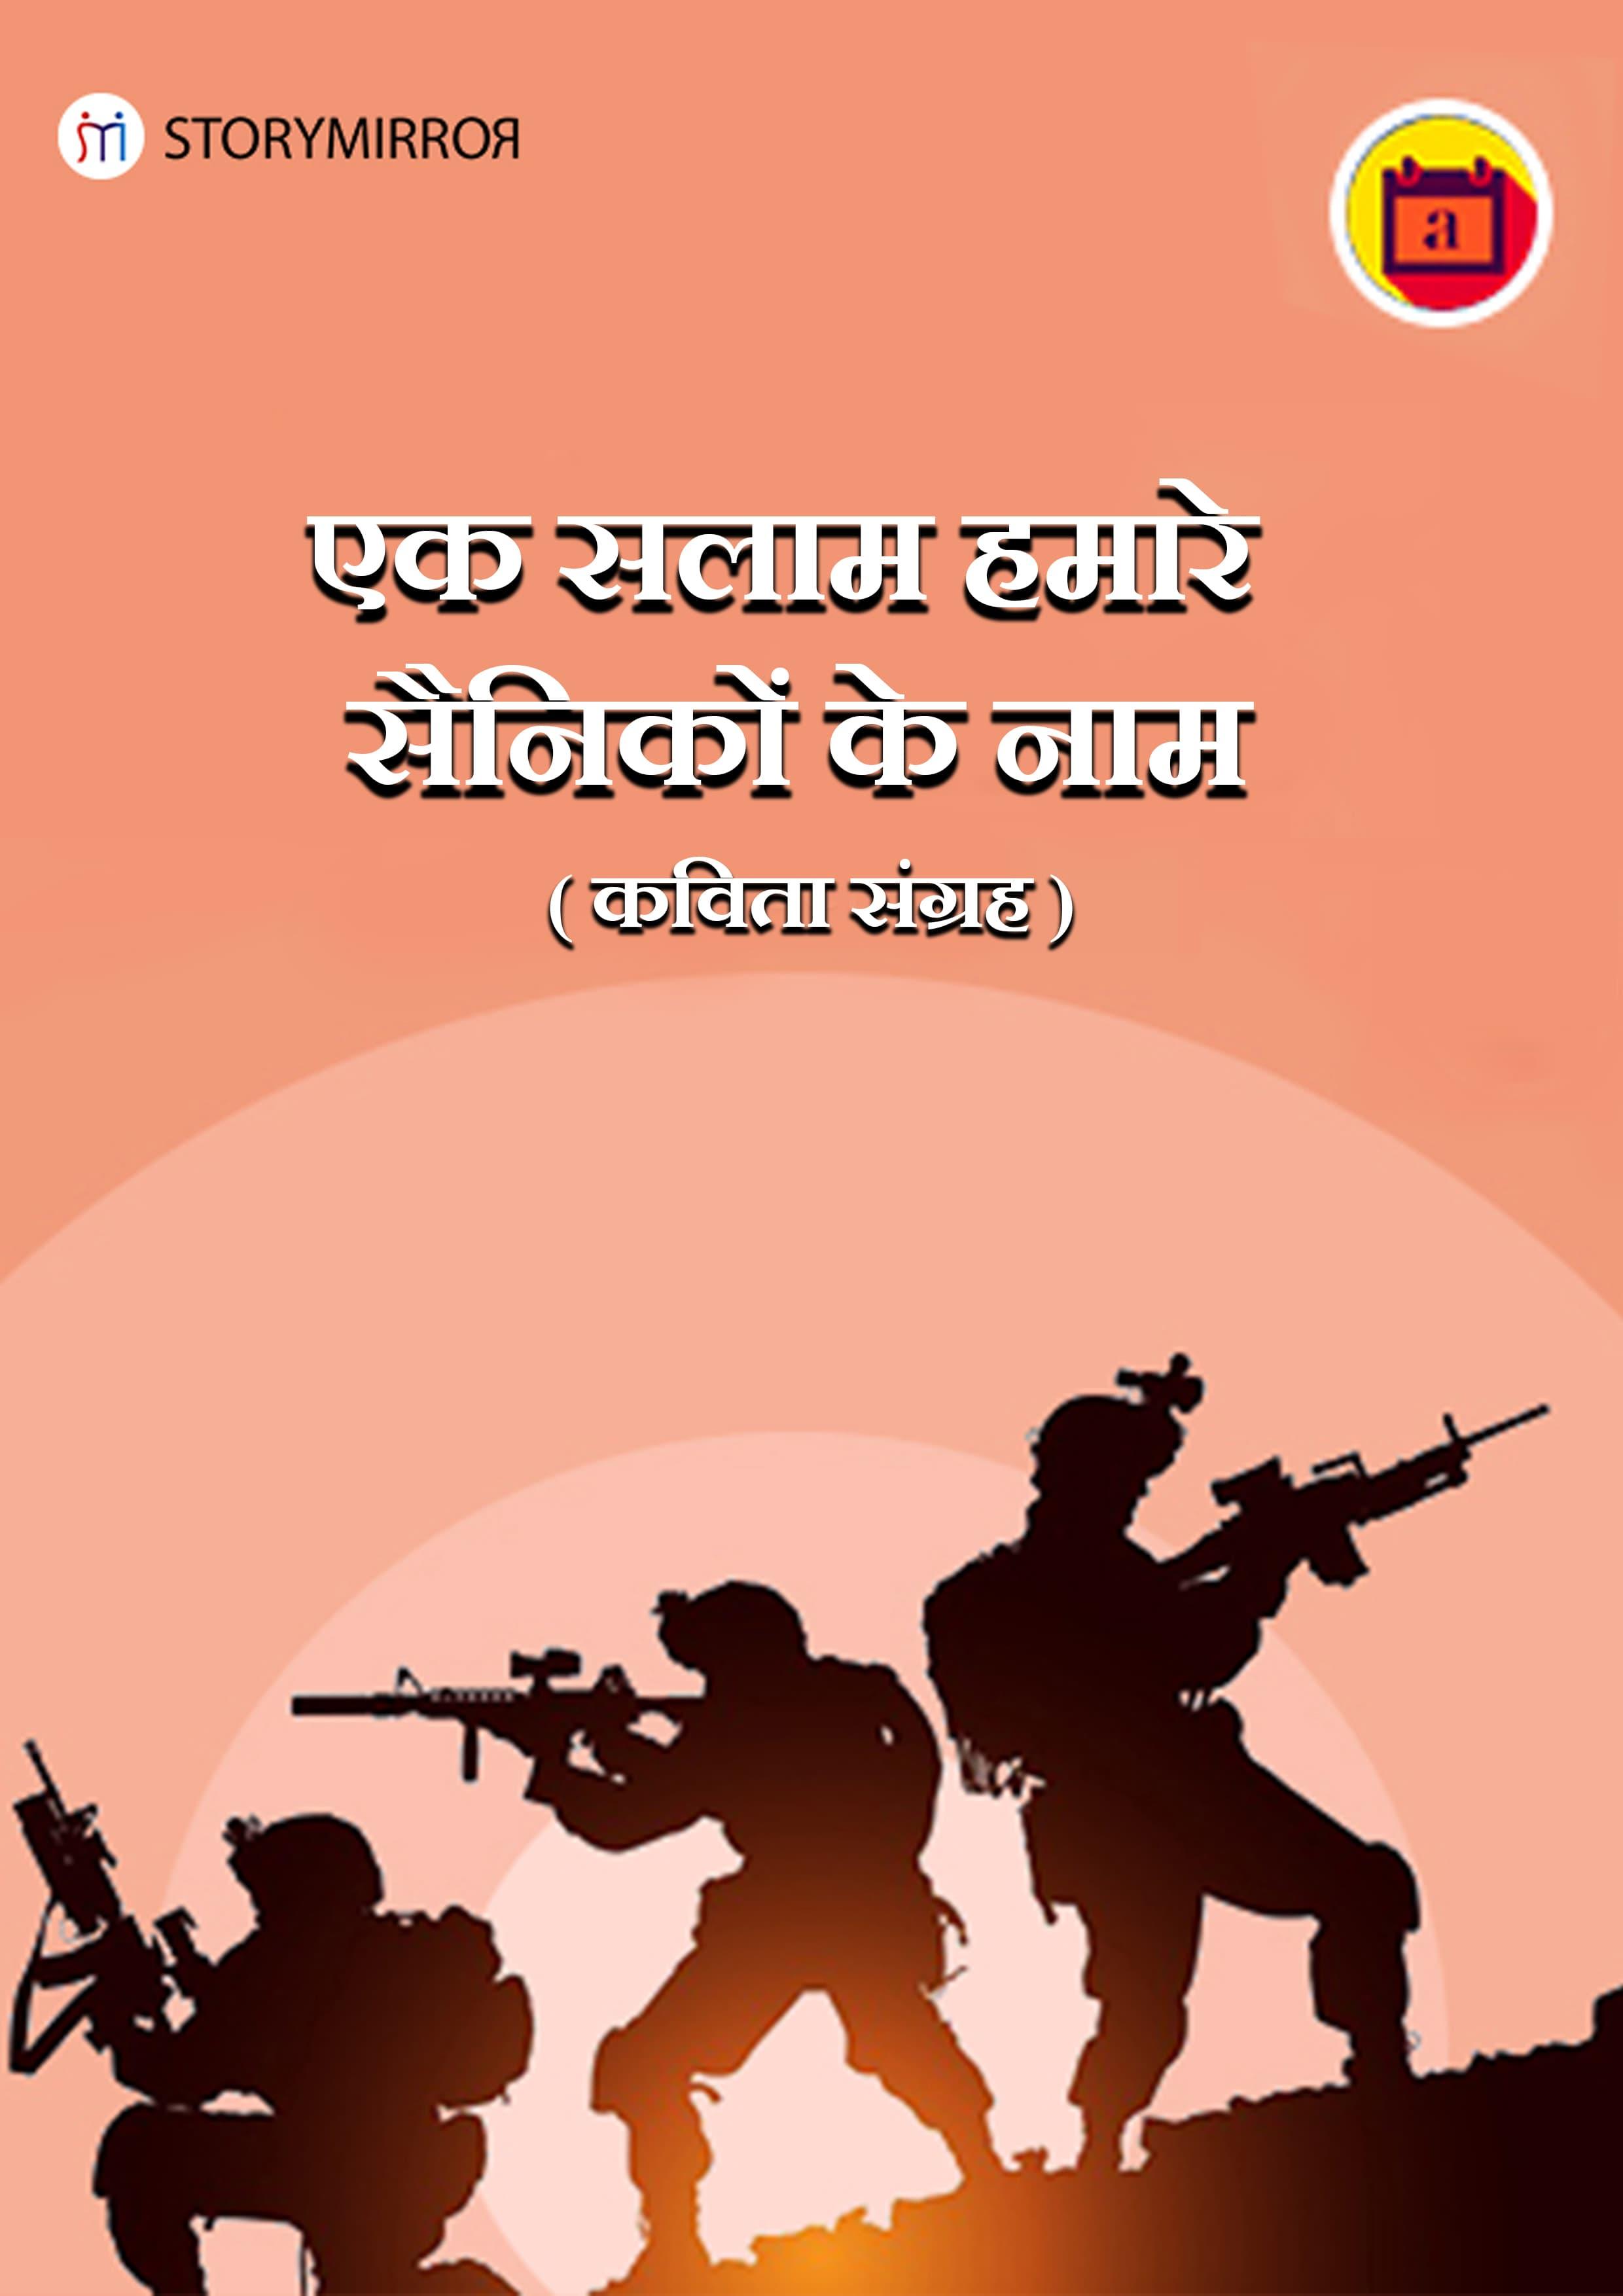 एक सलाम हमारे सैनिकों के नाम - कविता संग्रह